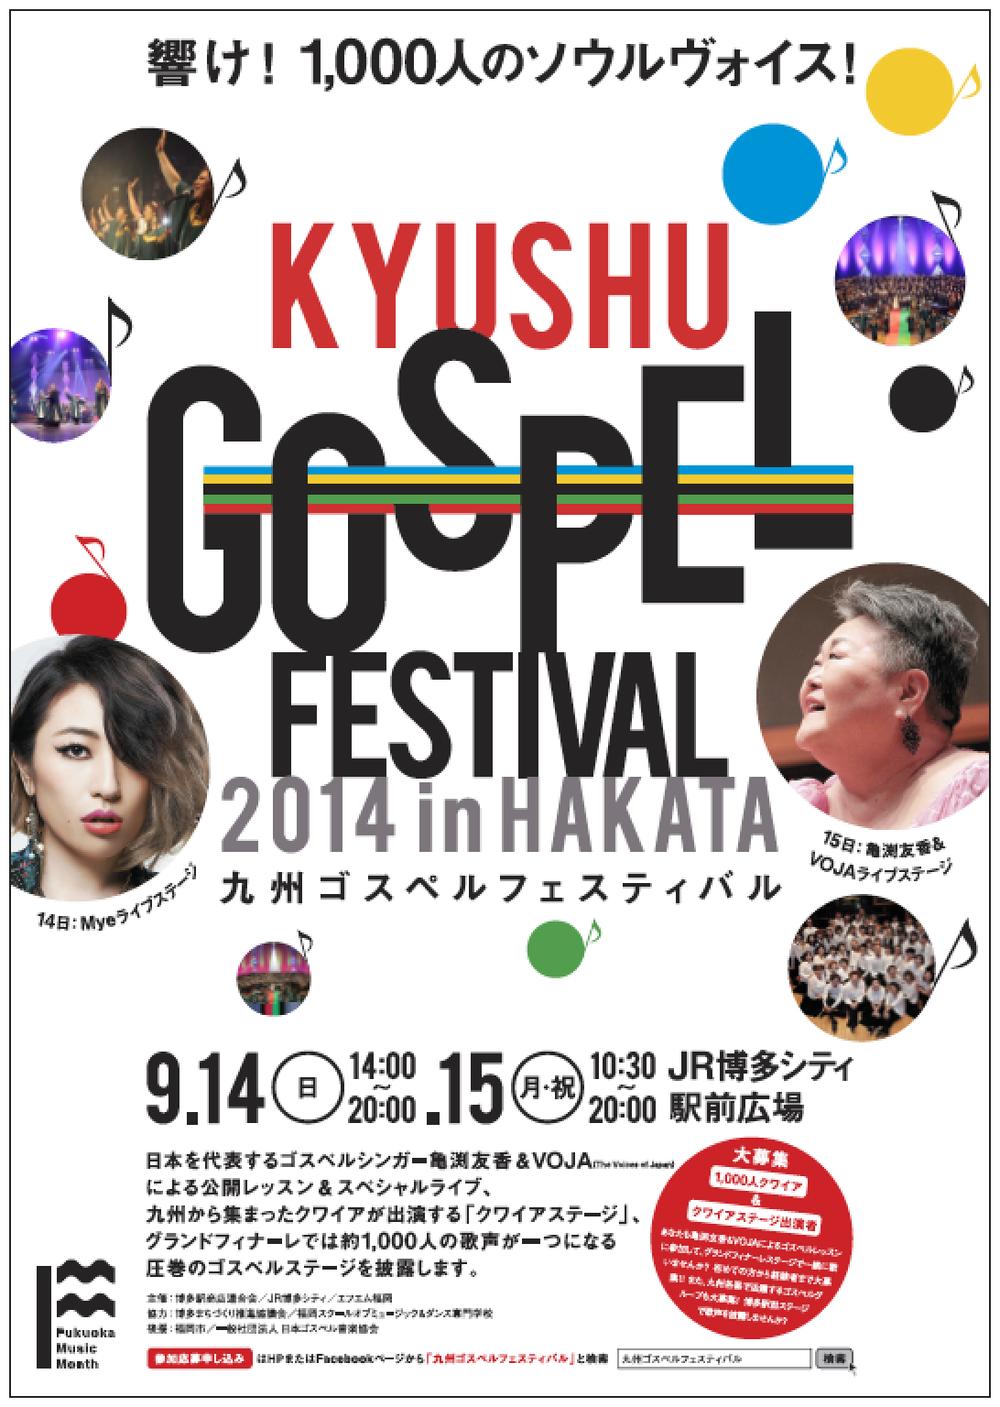 Myeの出演は9/14(日)19時頃を予定しています。 一般の方も参加可能なイベントです!! 詳細は→九州ゴスペルフェスティバル2014 HP へ